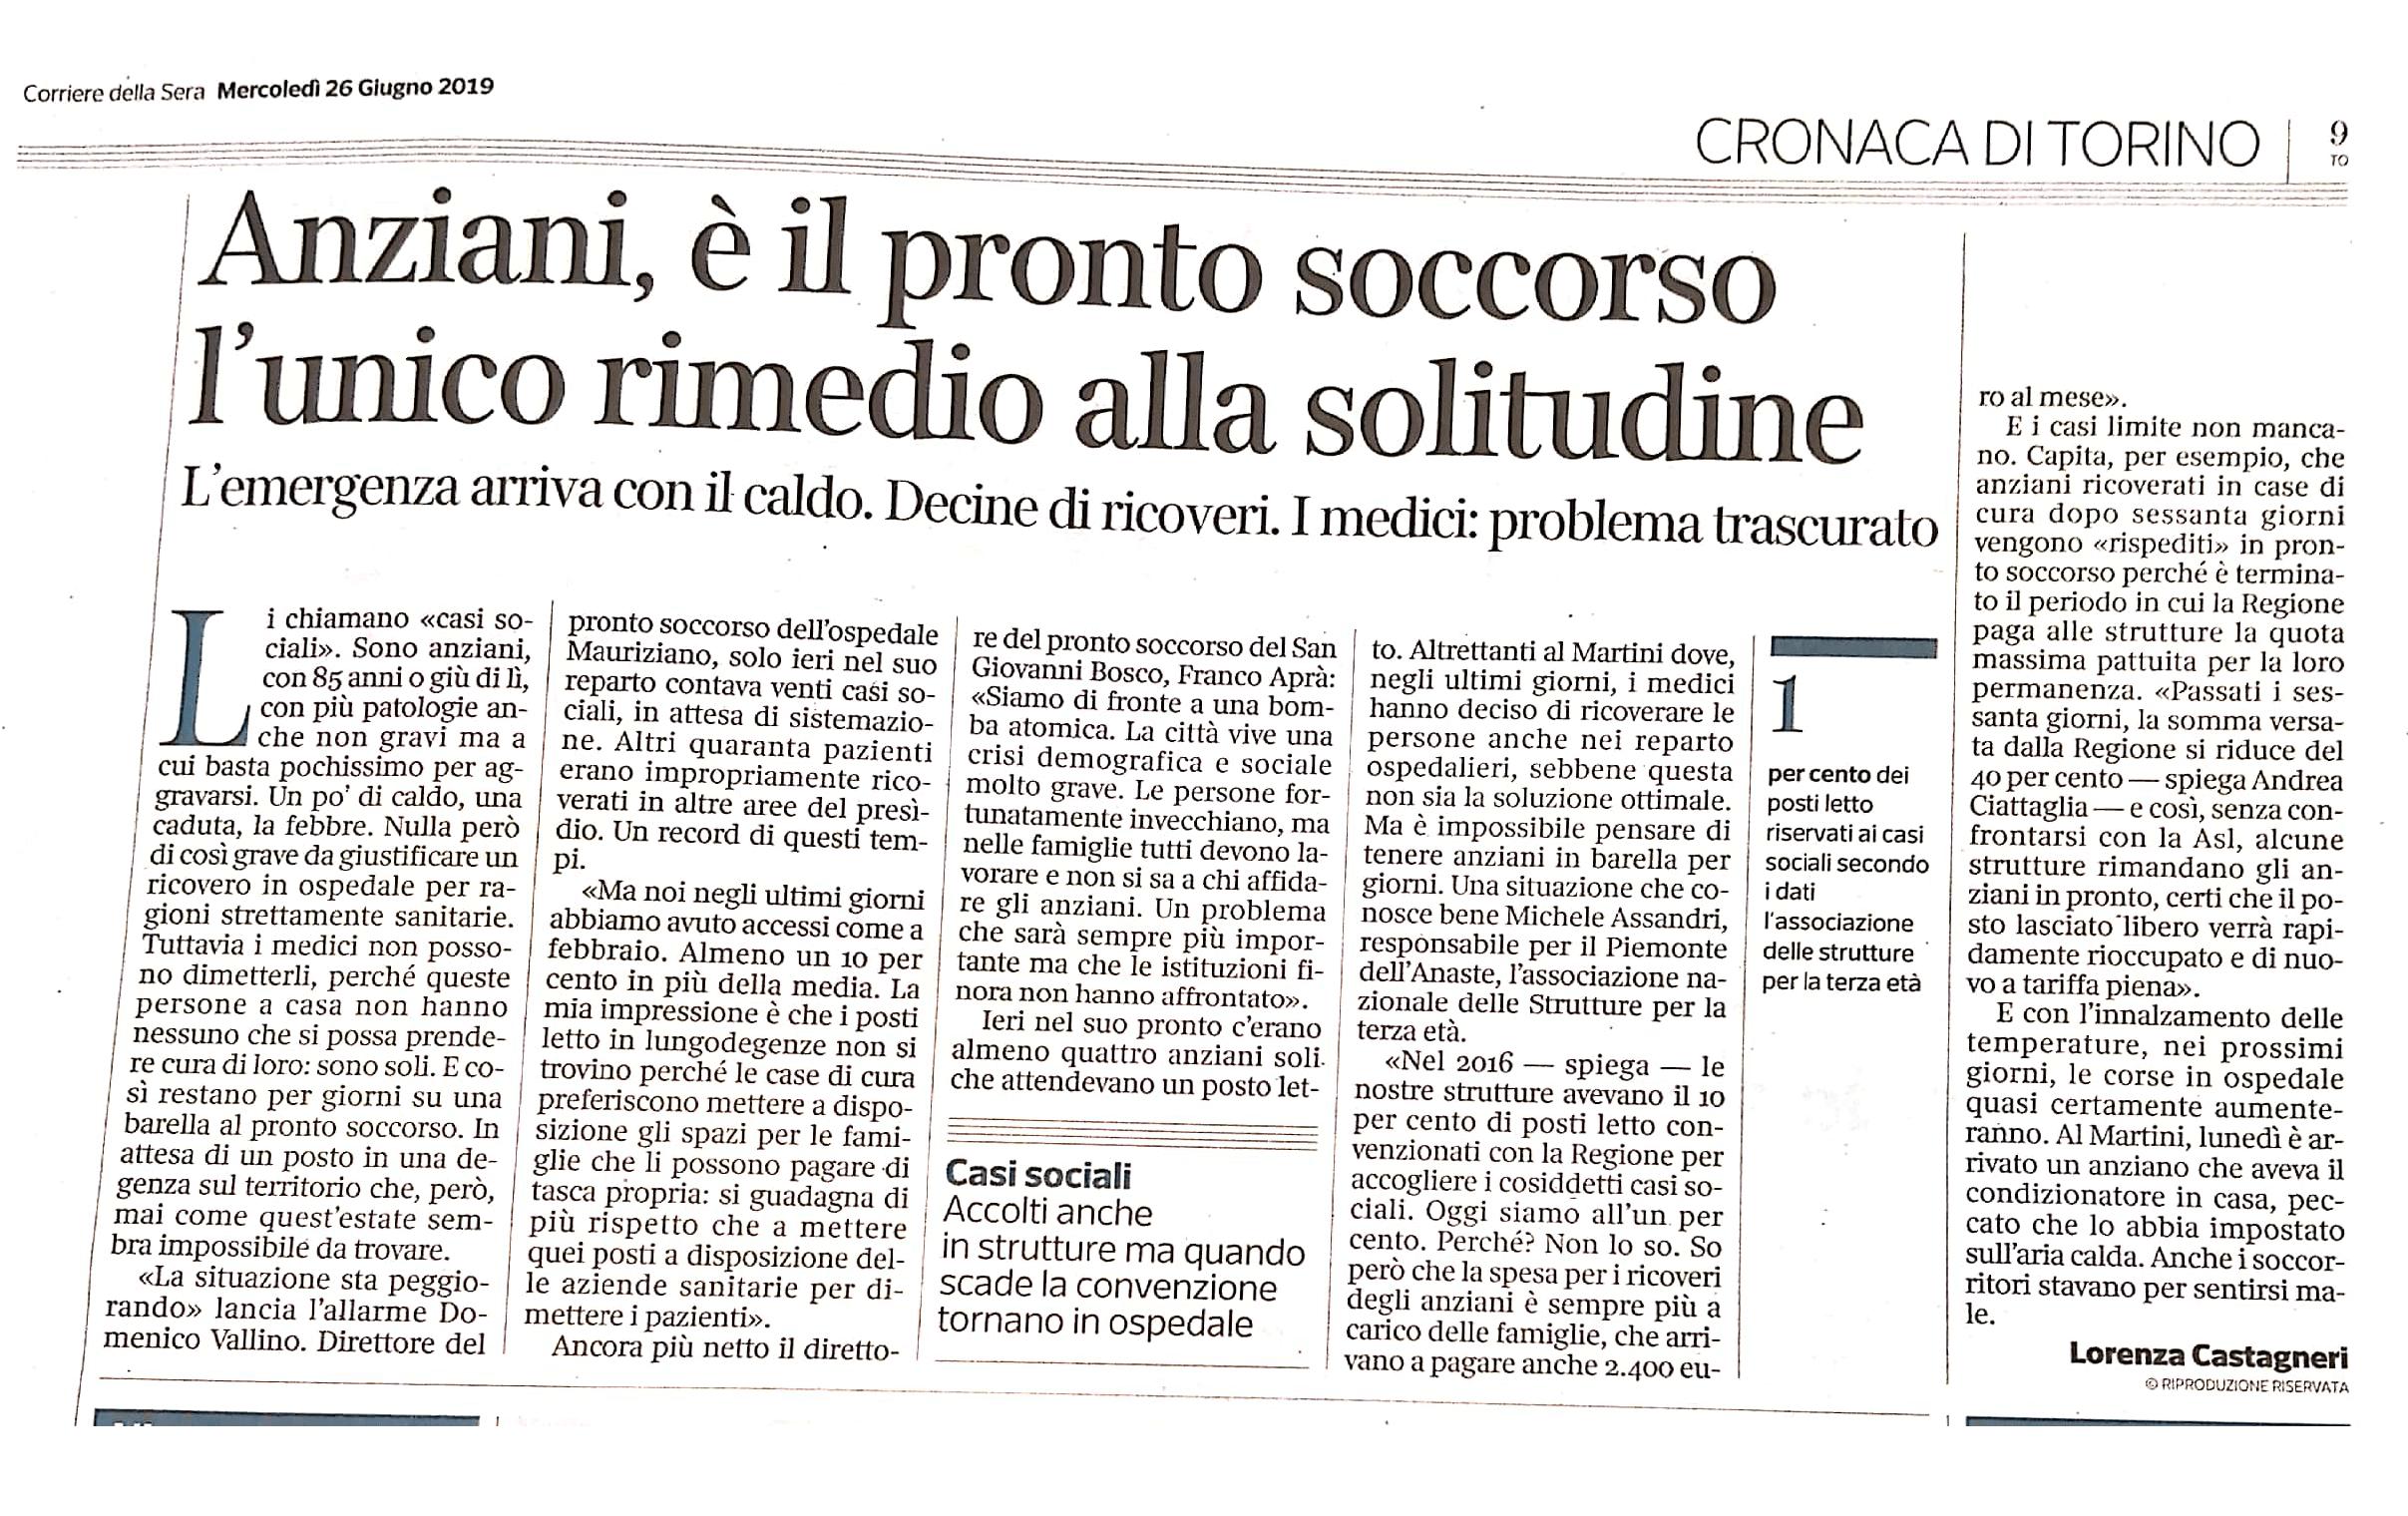 26.6.2019 Corsera Torino Ridotte le continuità assistenziali nelle RSA